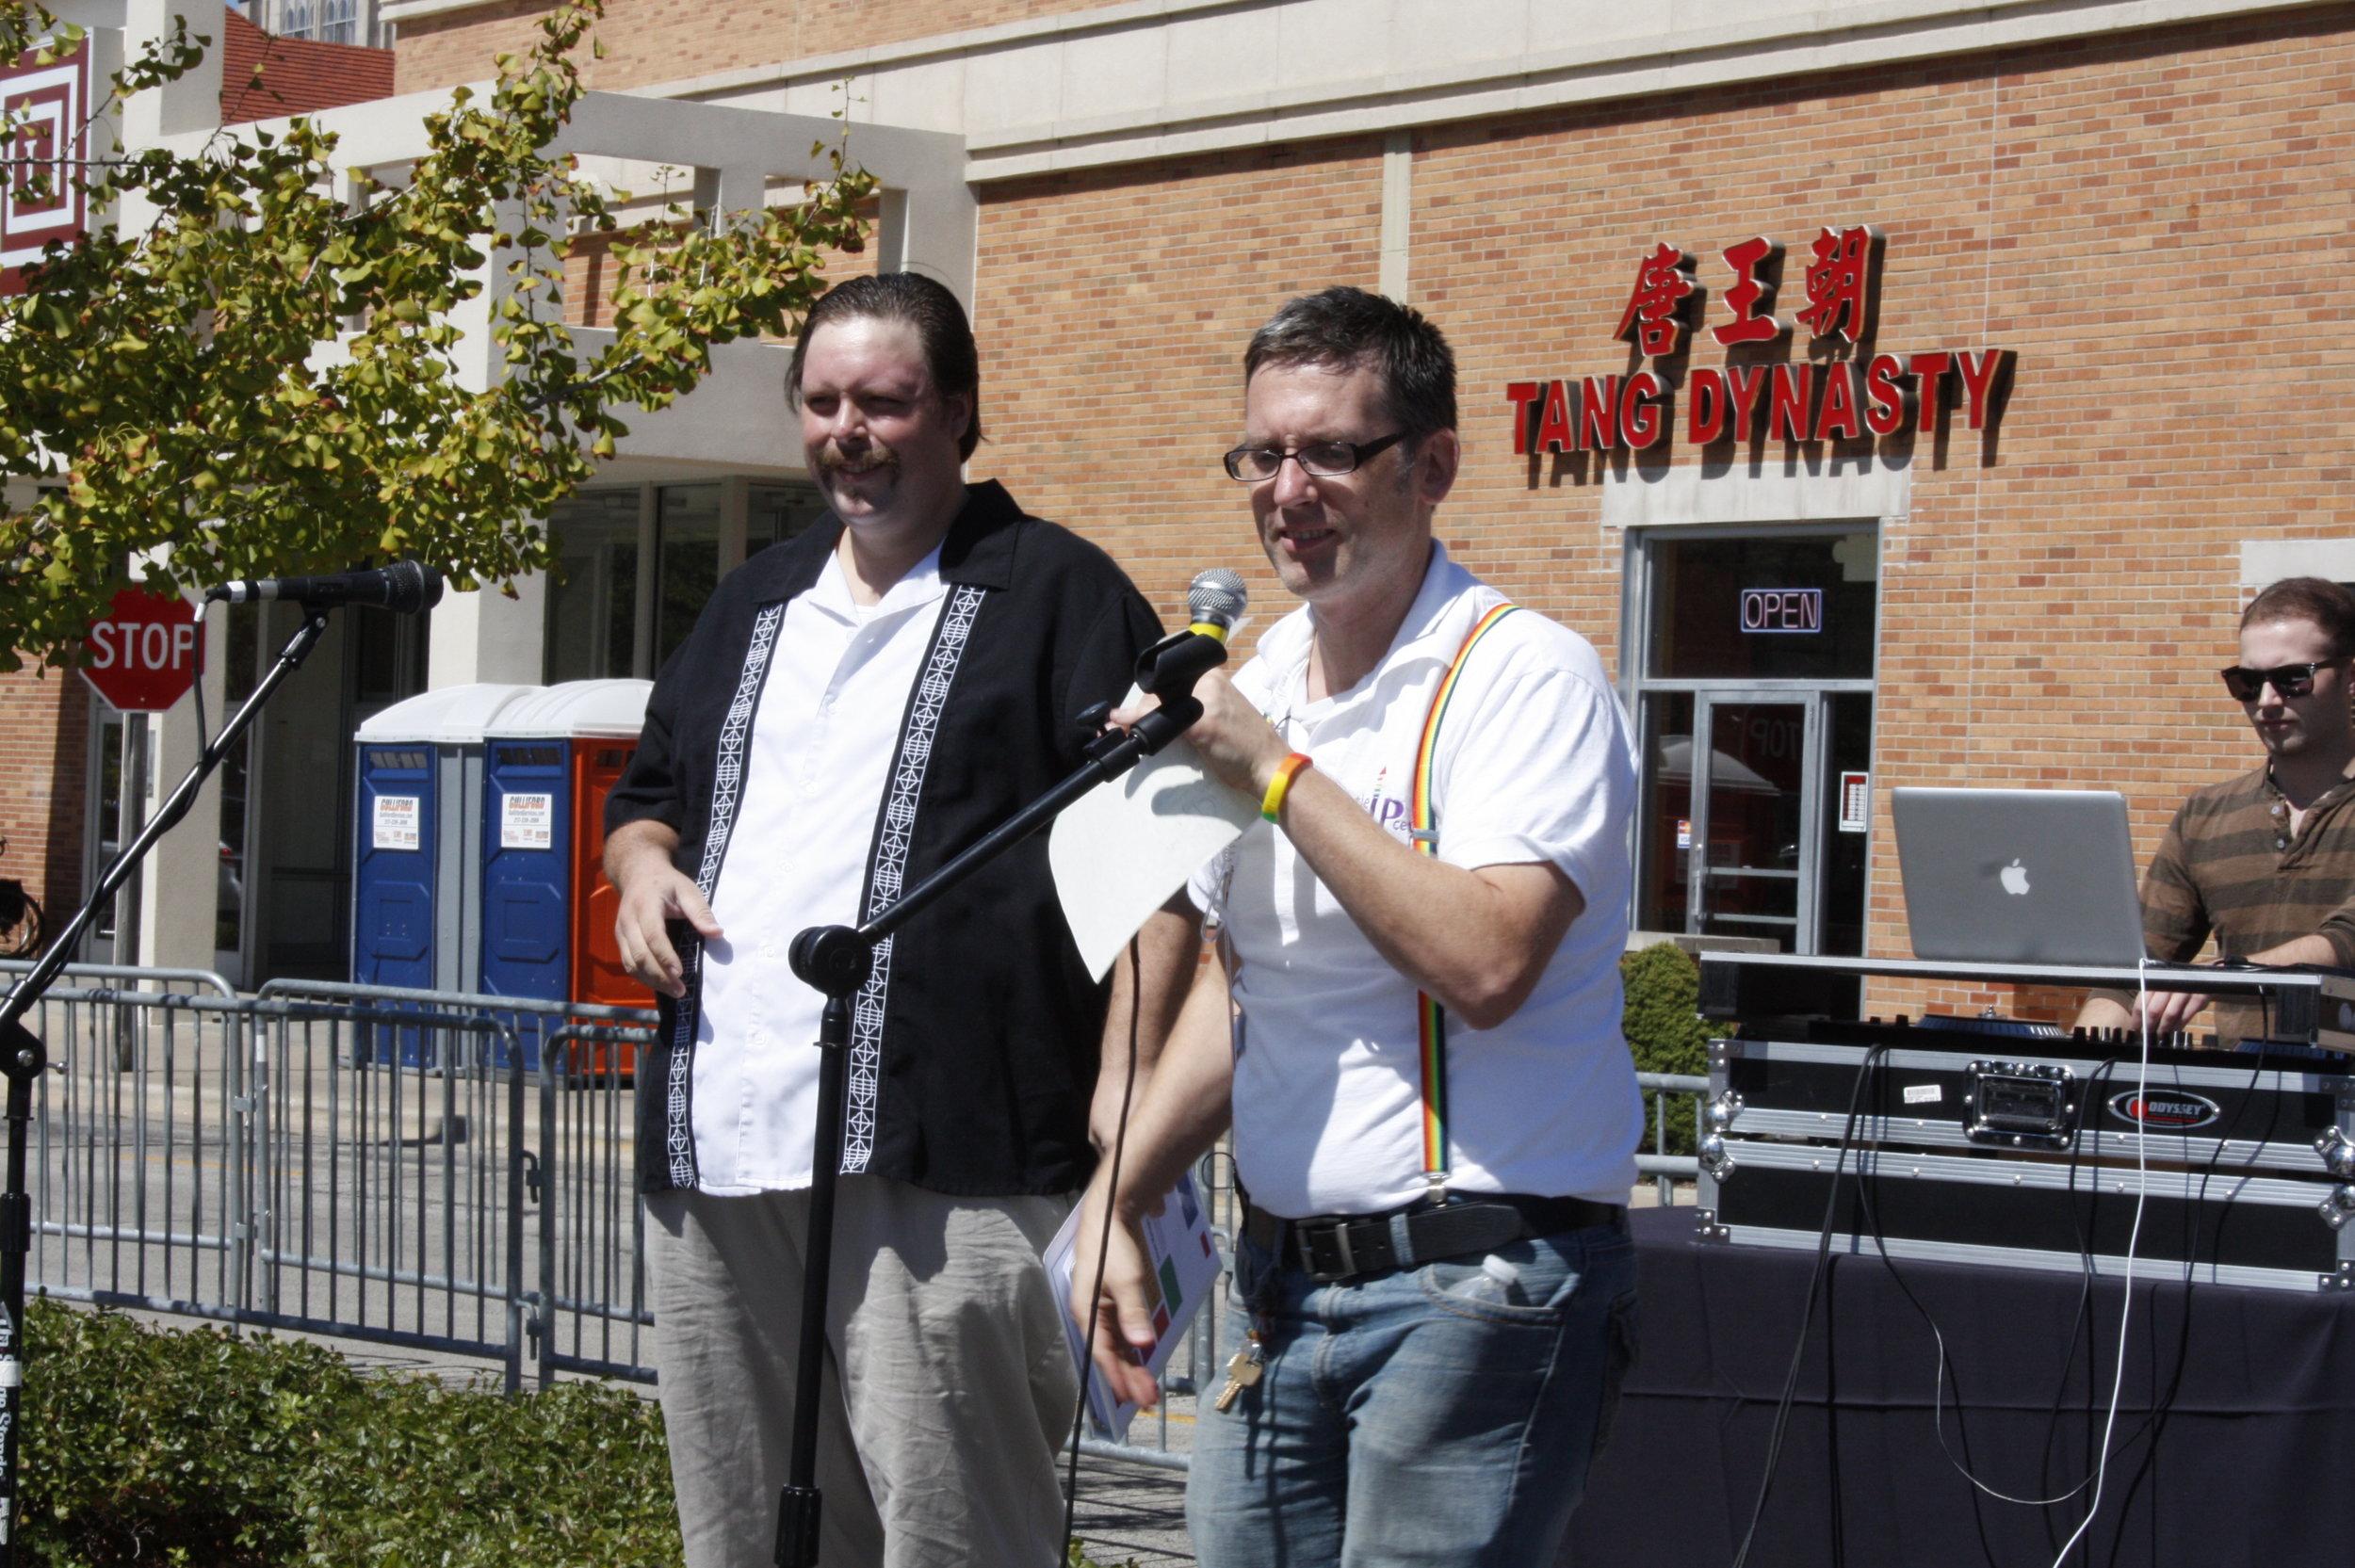 pridefest201220120908_0006.JPG